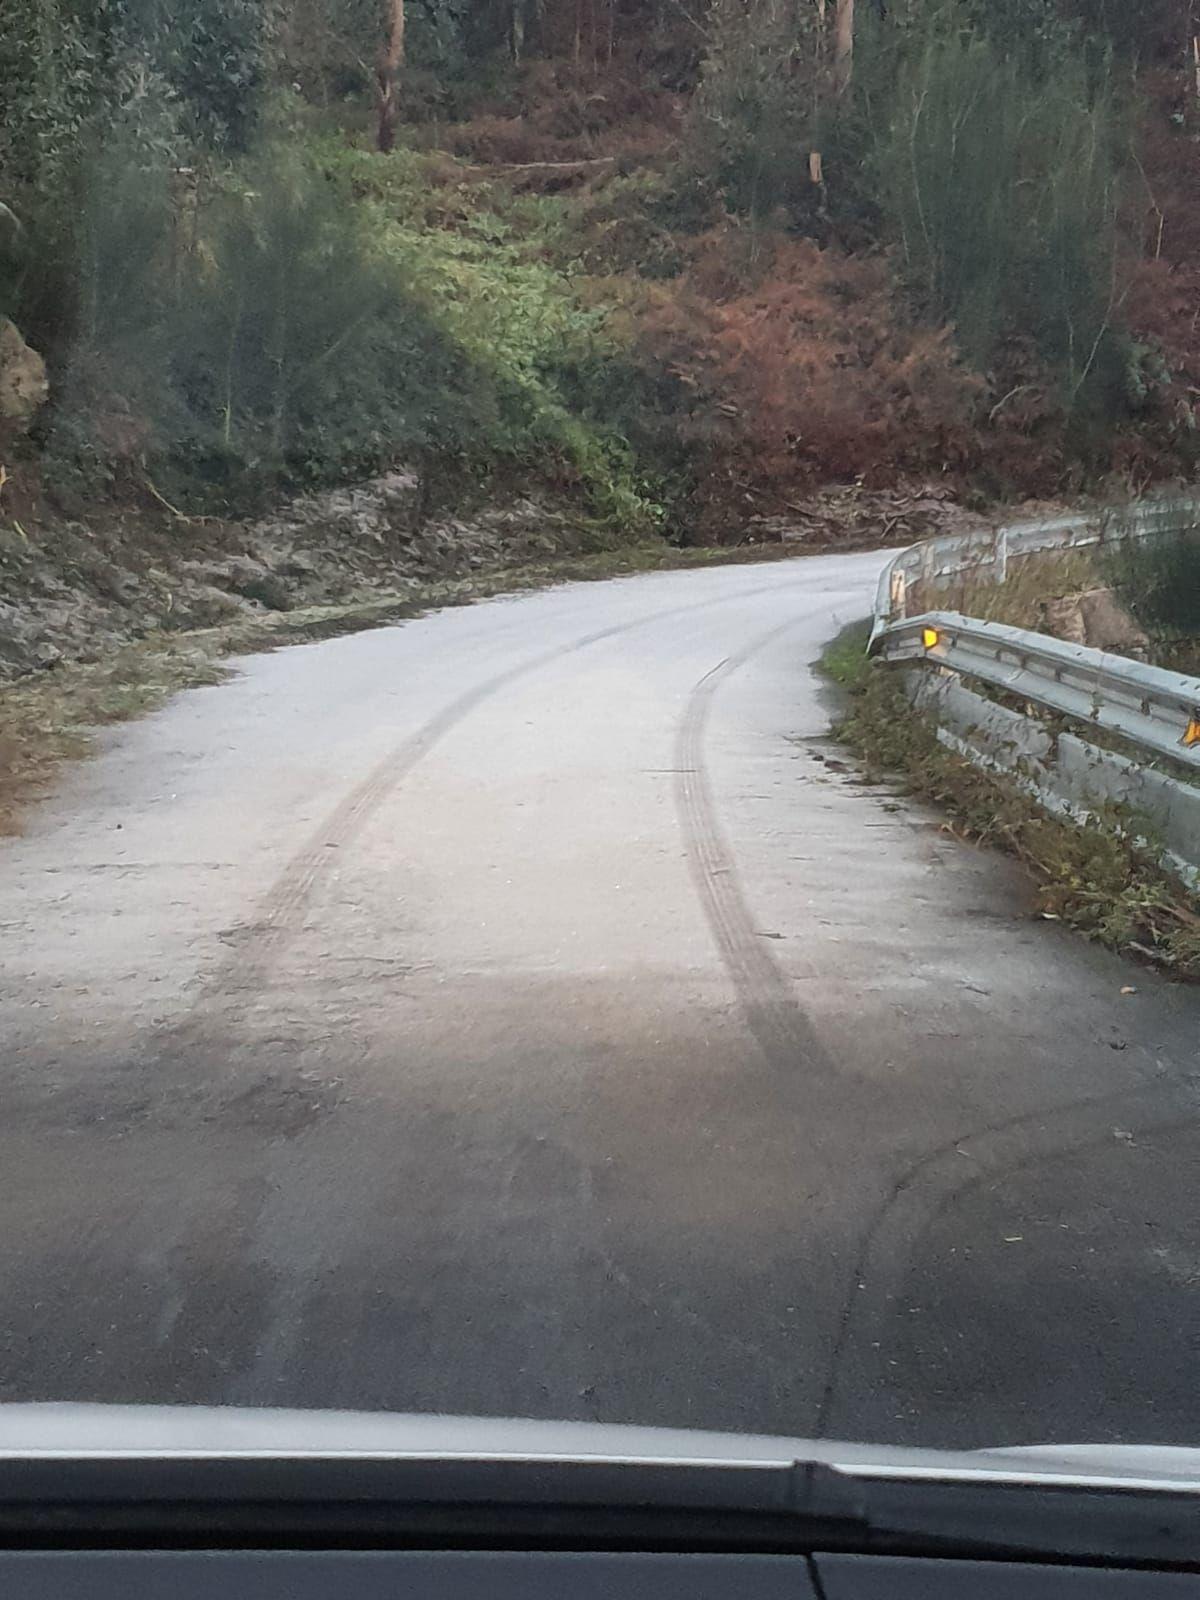 Carretera congelada en Valladares